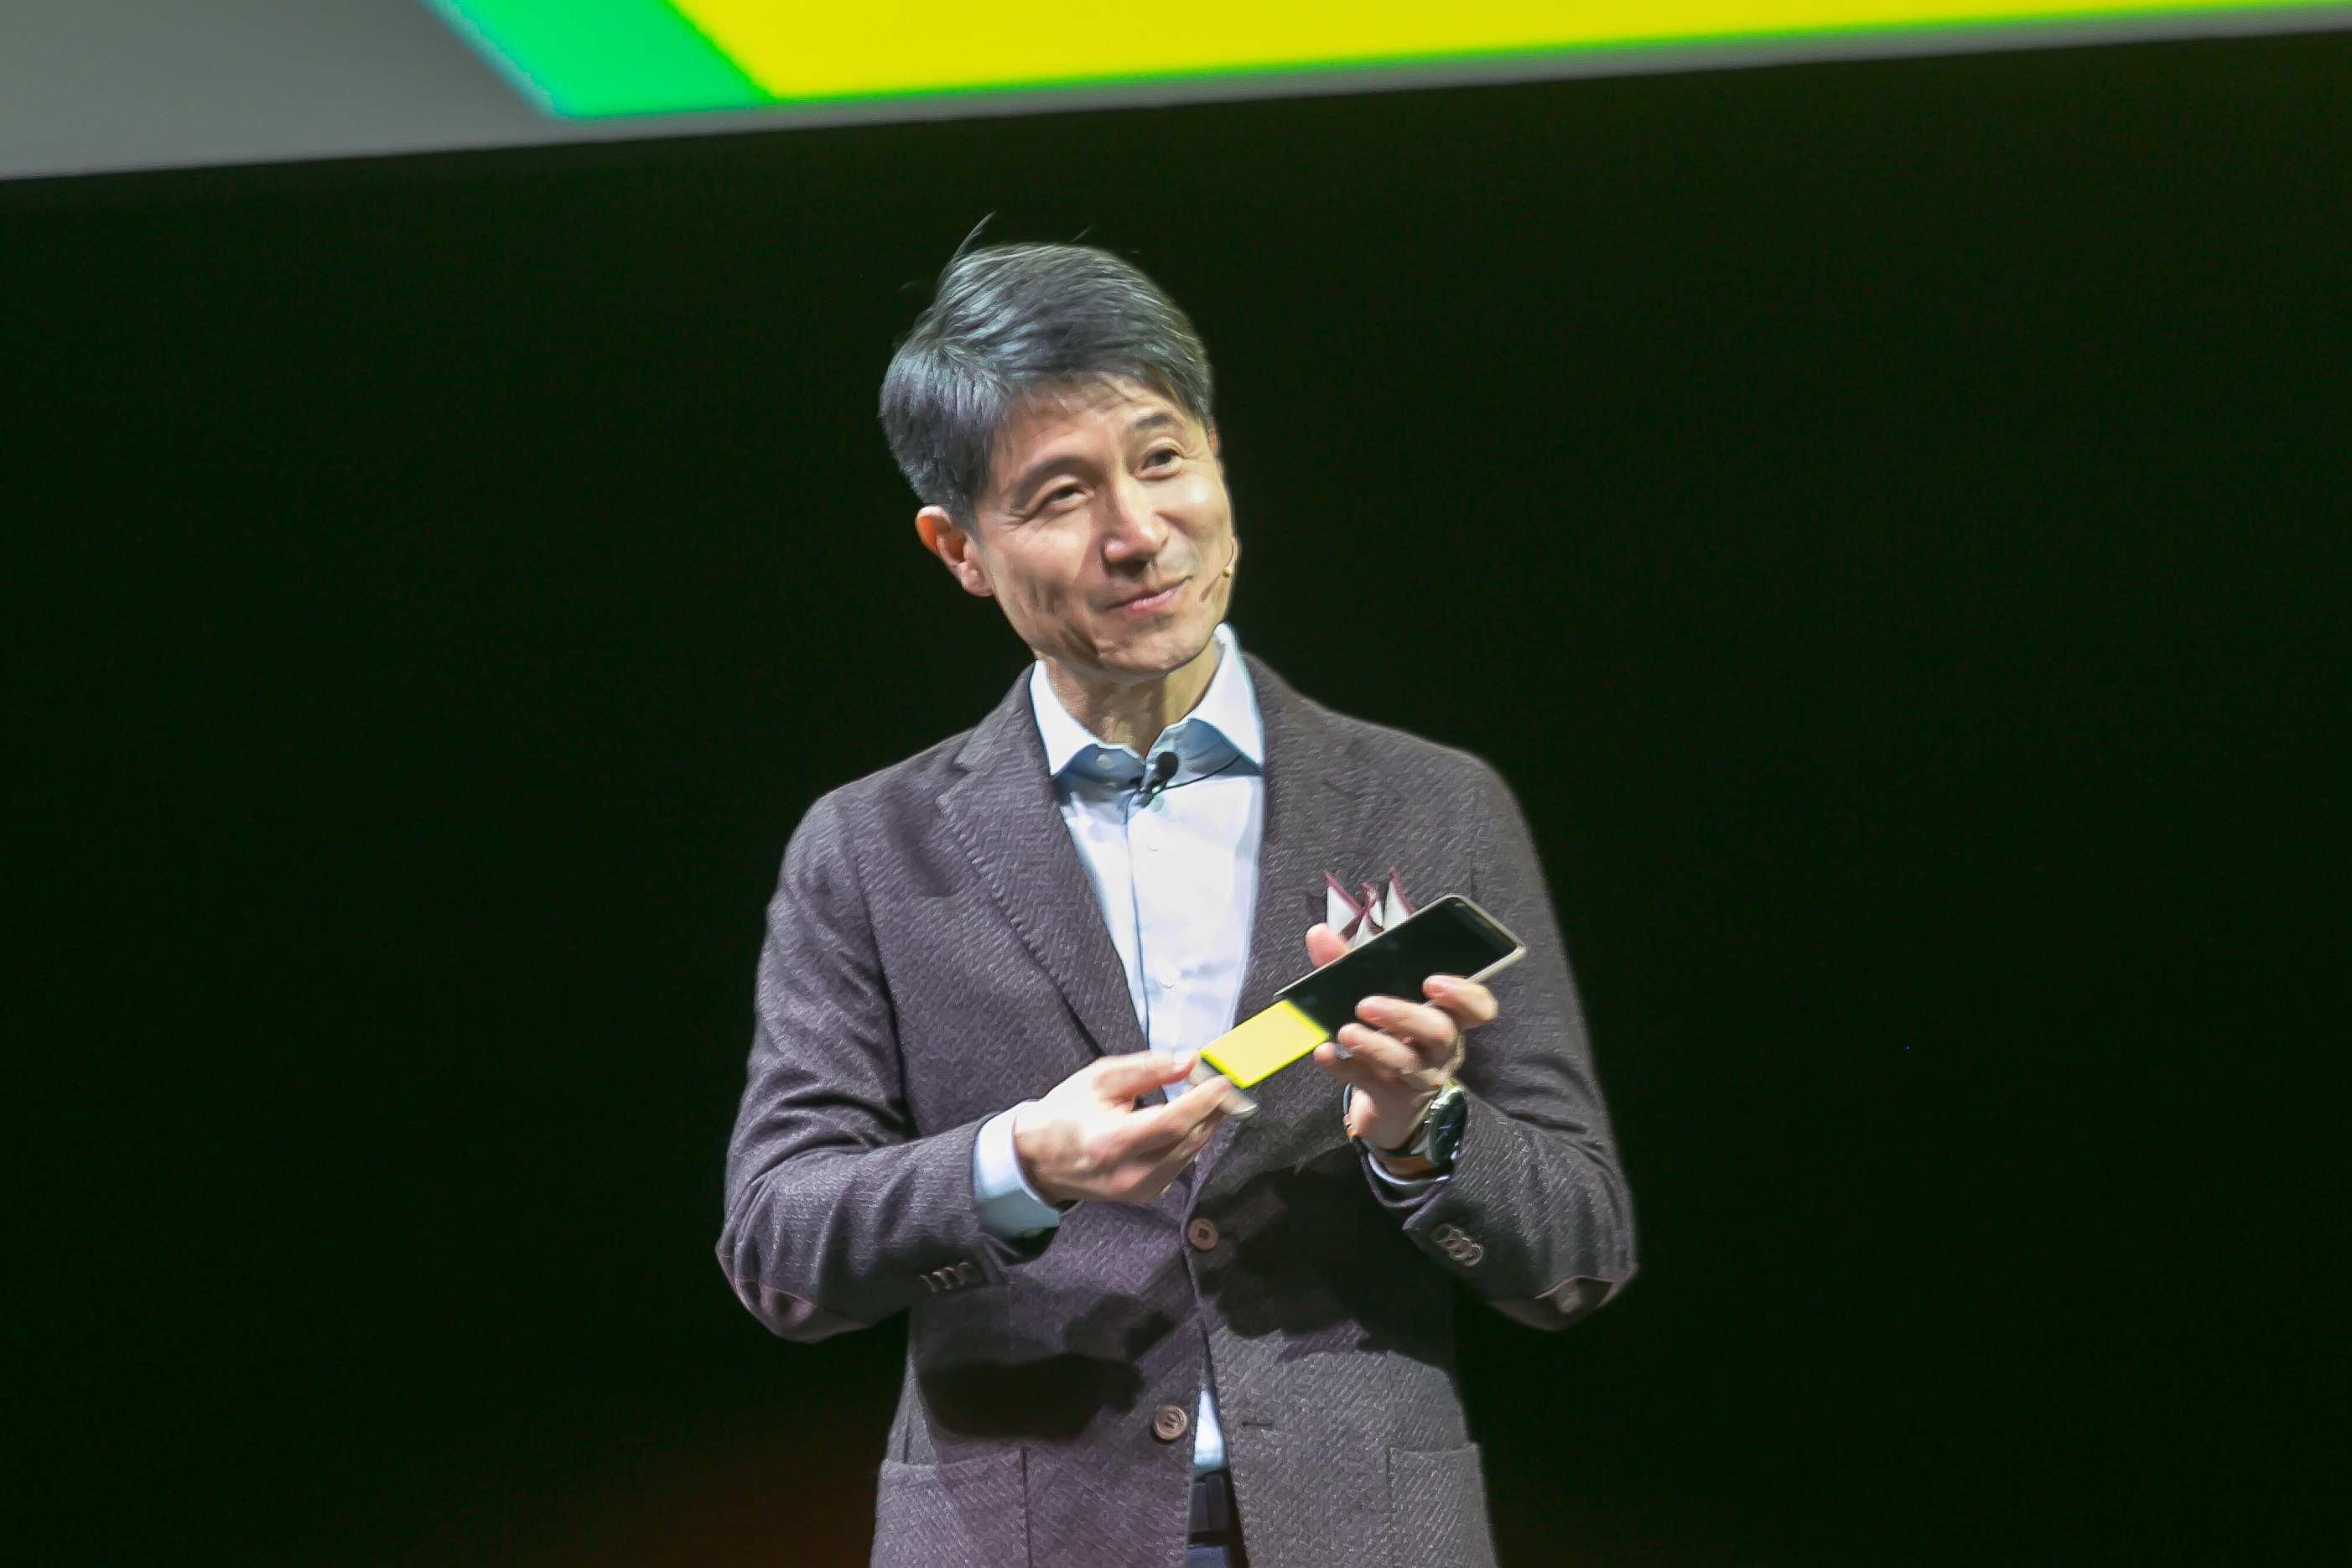 Prezident a CEO LG, Juno Cho práve ukazuje, čím ohromia mobilný svet. Priniesli modulárny smartfón a majú uzavreté zmluvy s ďalšími dodávateľmi modulov